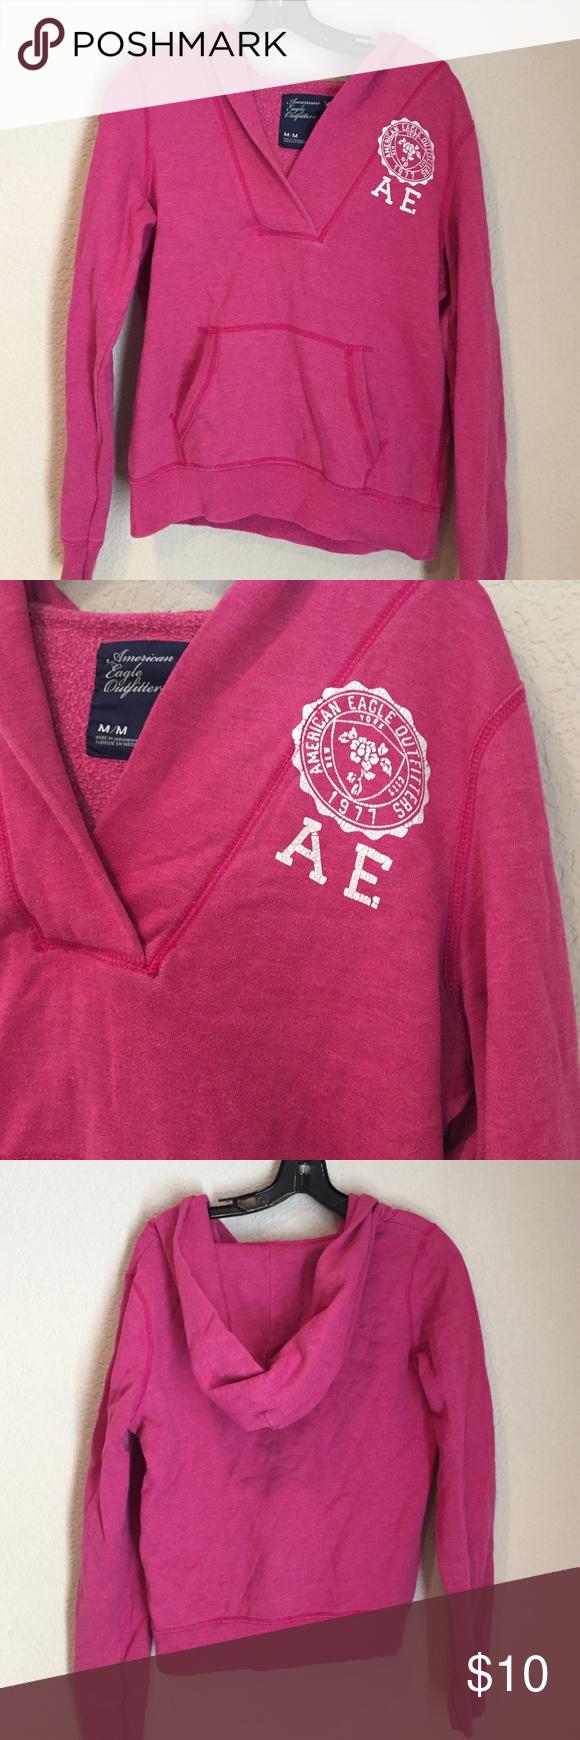 American eagle GUC pink hoody sweatshirt American eagle GUC pink hoody sweatshirt American Eagle Outfitters Tops Sweatshirts & Hoodies